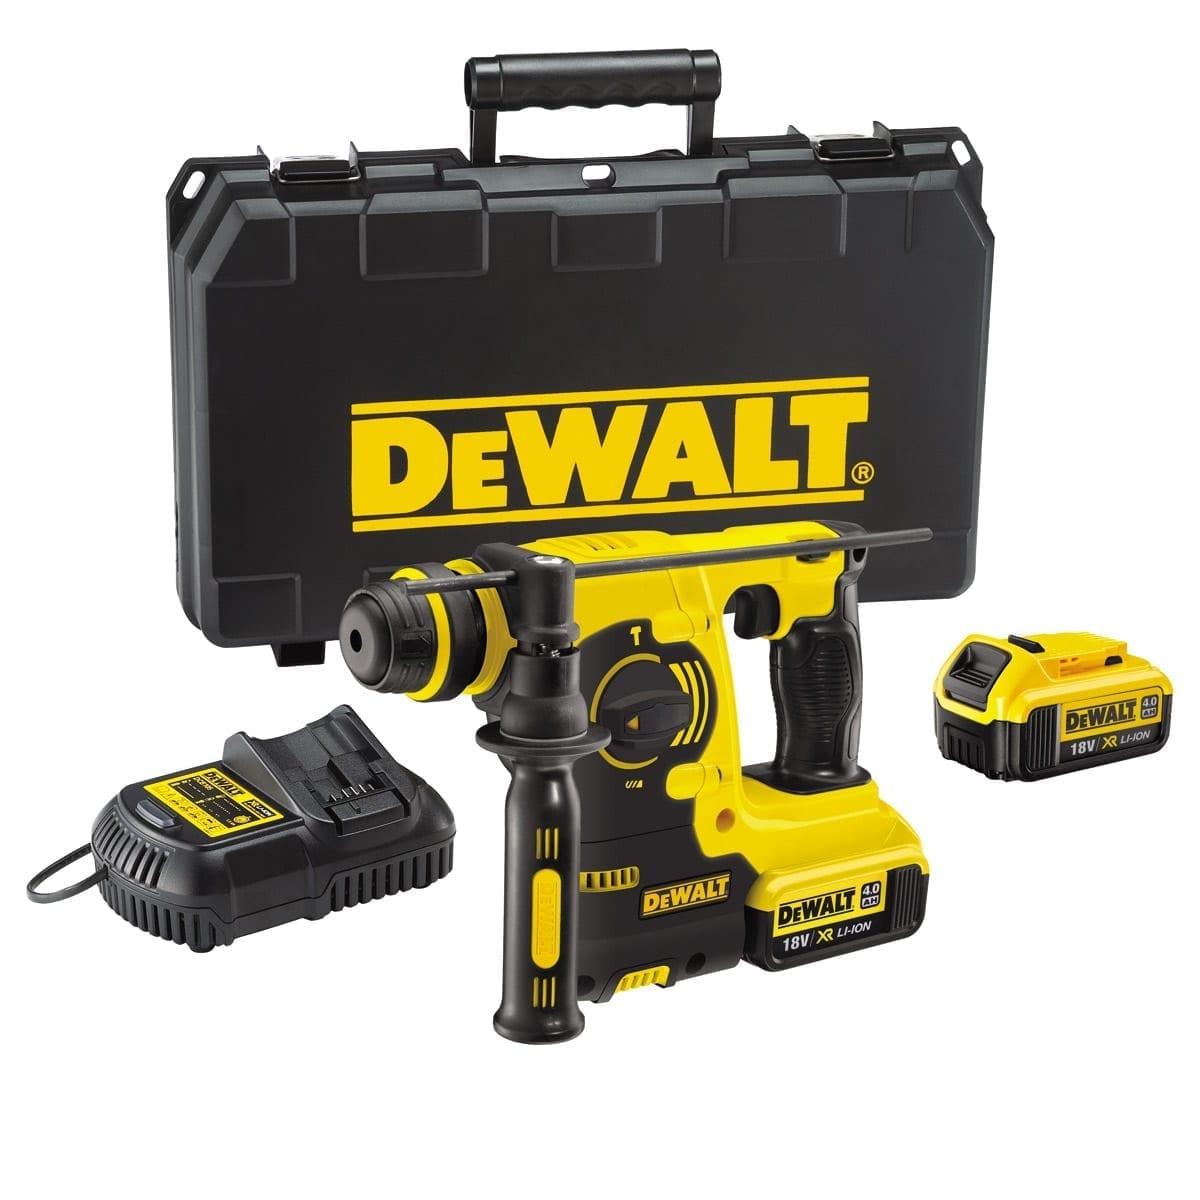 dewalt dch253m2 18v xr li ion sds rotary hammer drill 2. Black Bedroom Furniture Sets. Home Design Ideas